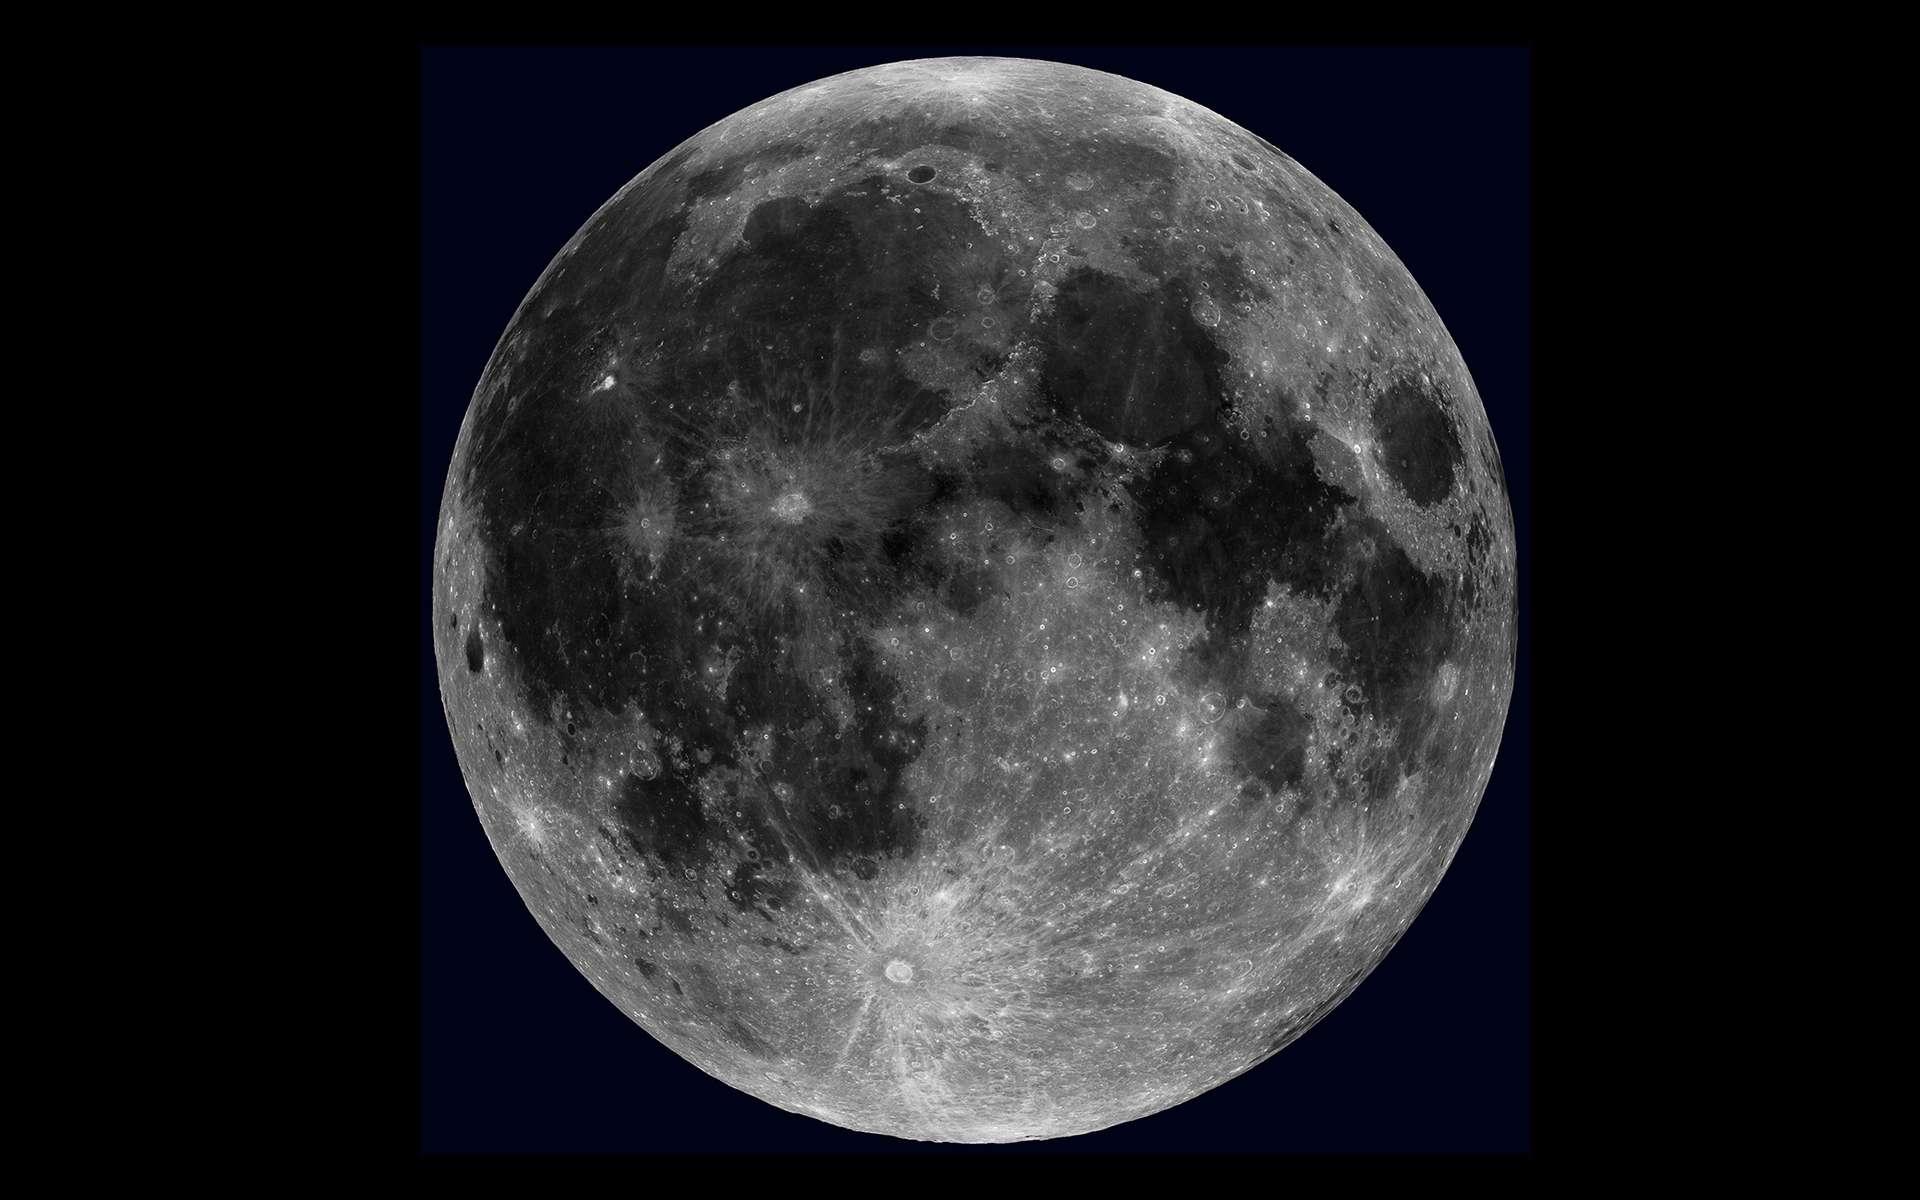 Vue globale de la Lune créée à partir des images prises par la sonde LRO. © Nasa, GSFC, Arizona State University